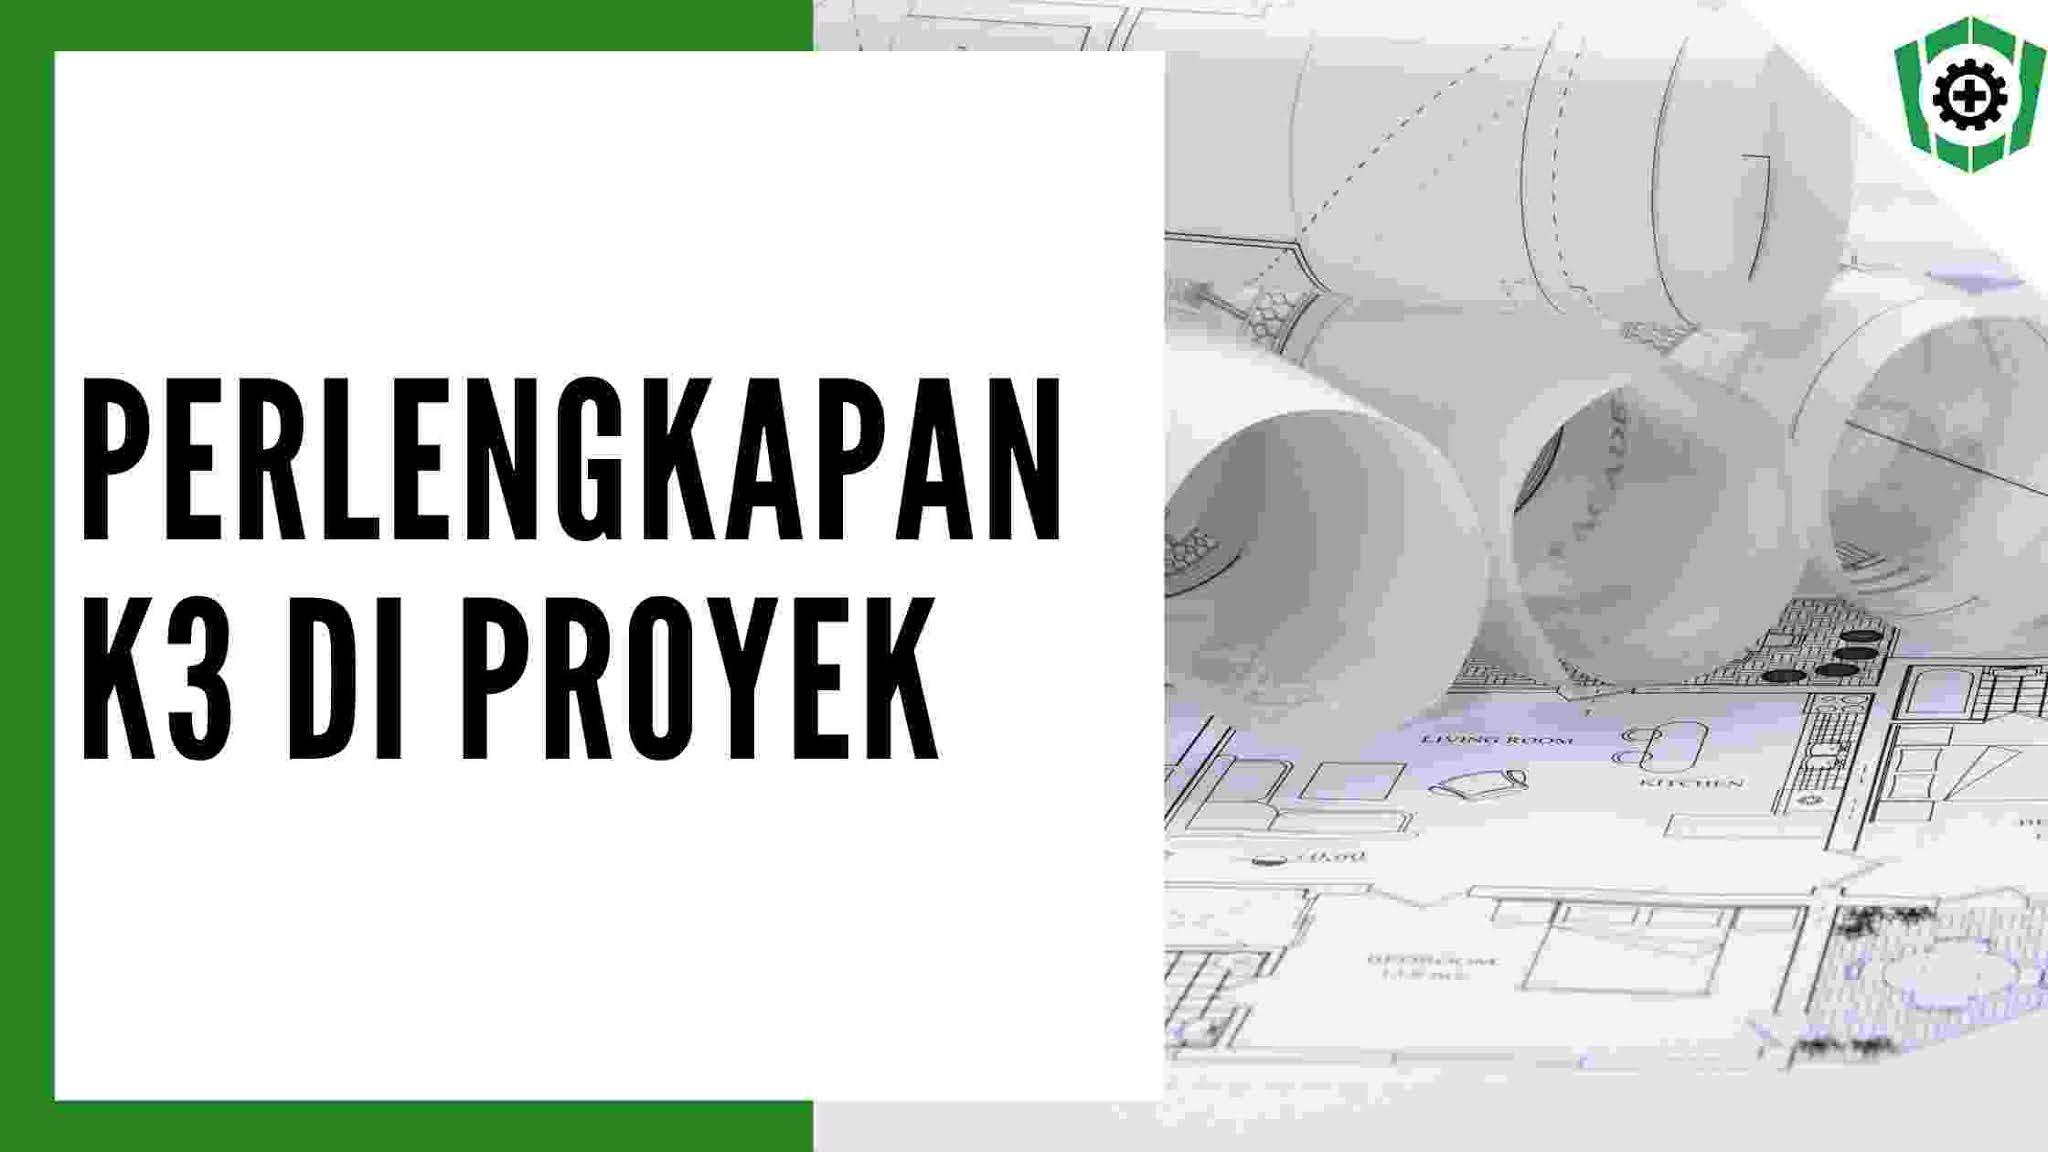 Perlengkapan k3 di proyek